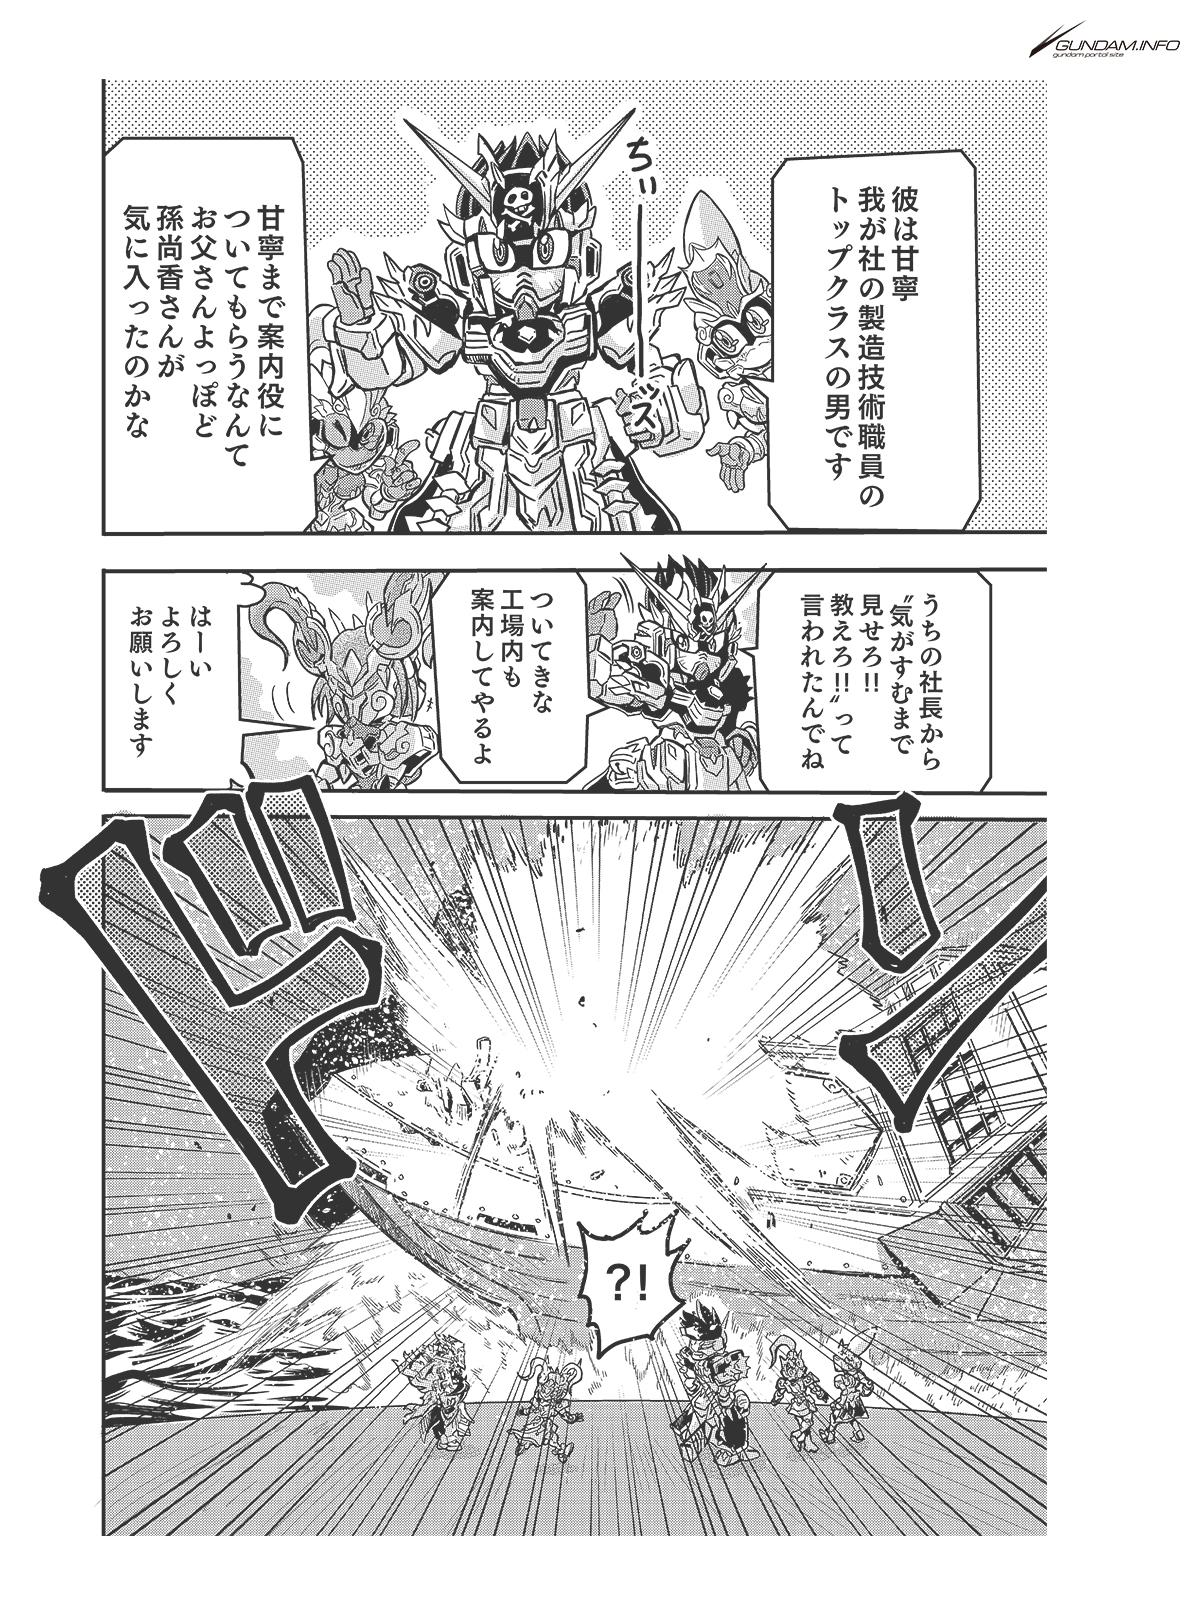 SDガンダムワールド 三国創傑伝 焔虎譚 第5話 P10